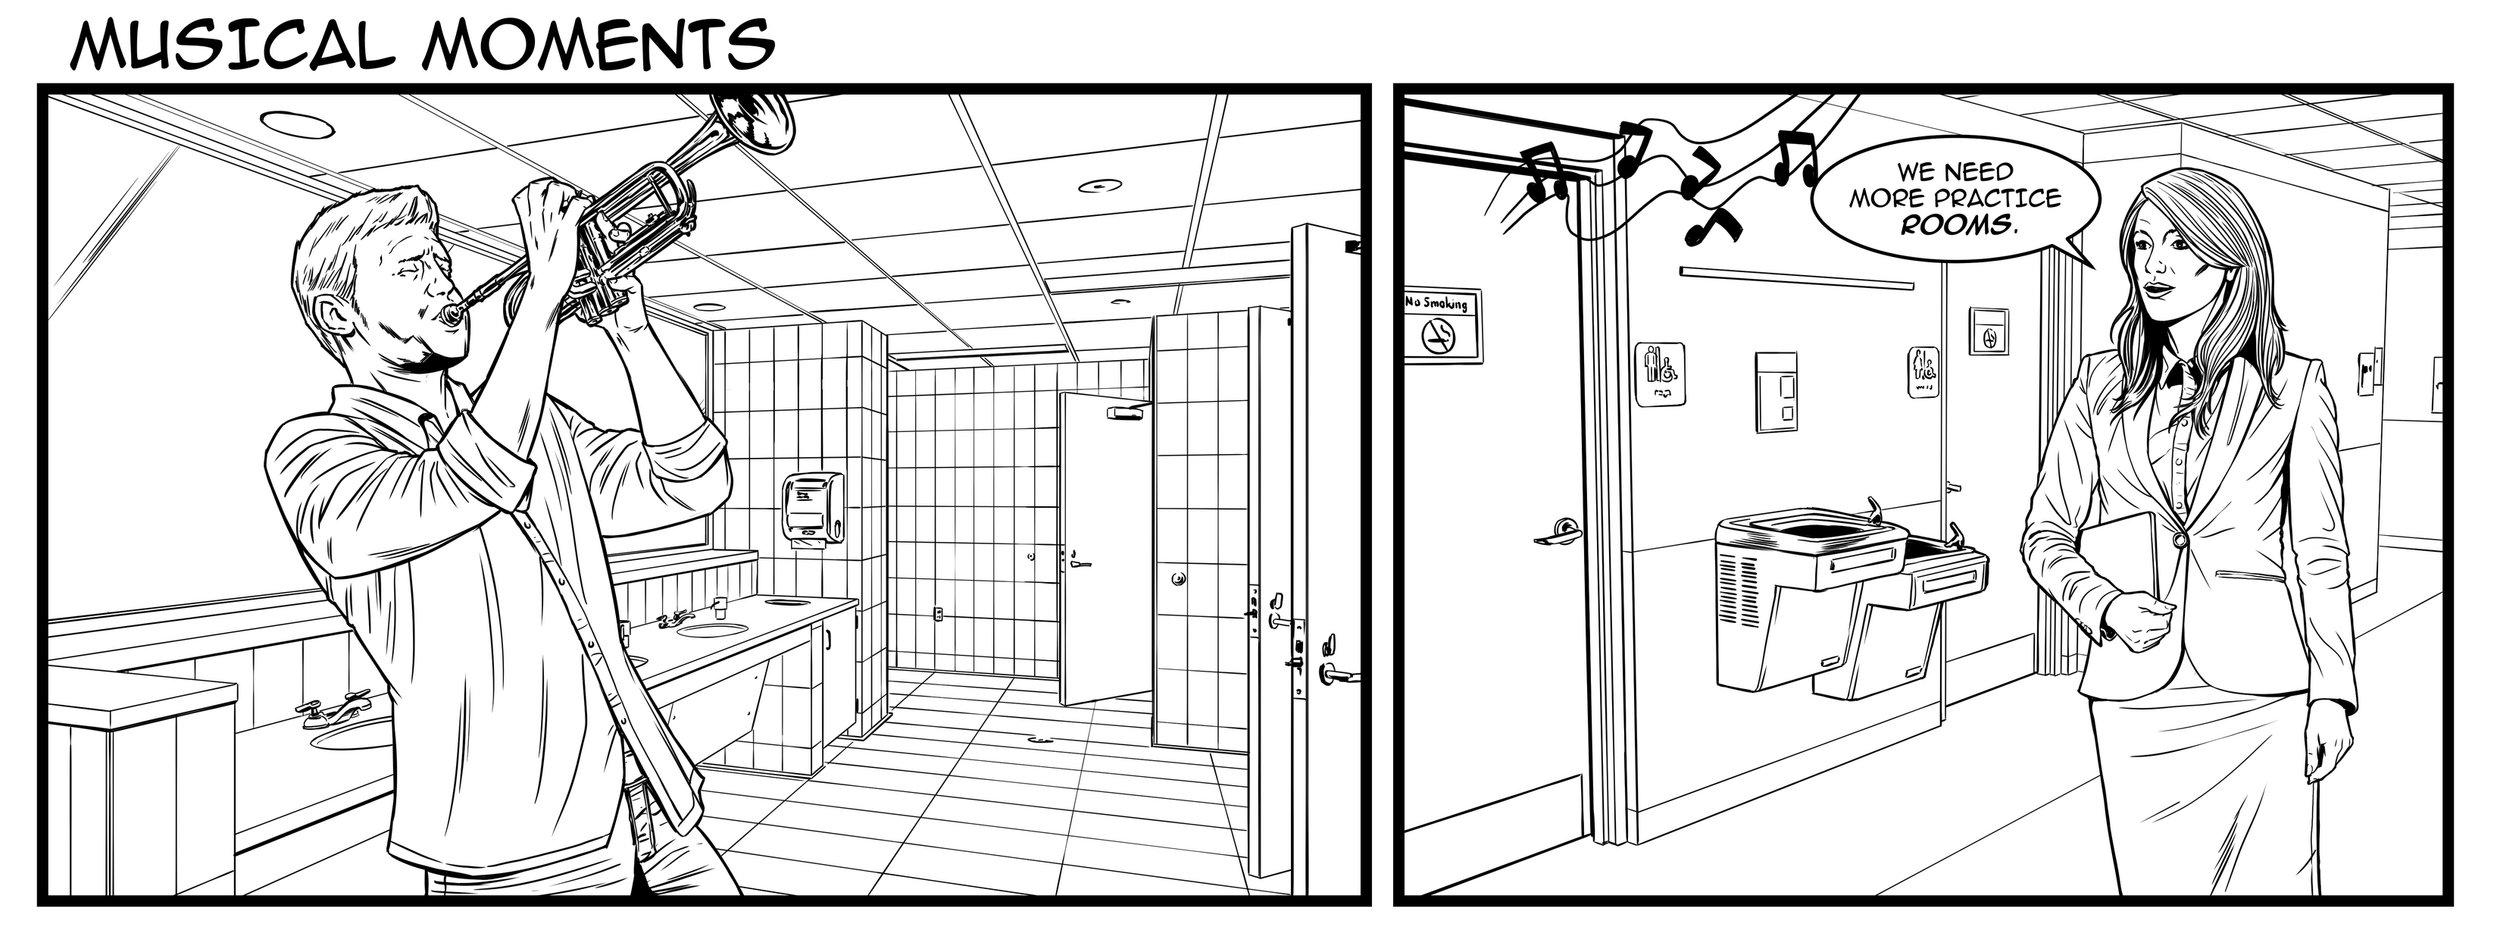 Practice Rooms.jpg